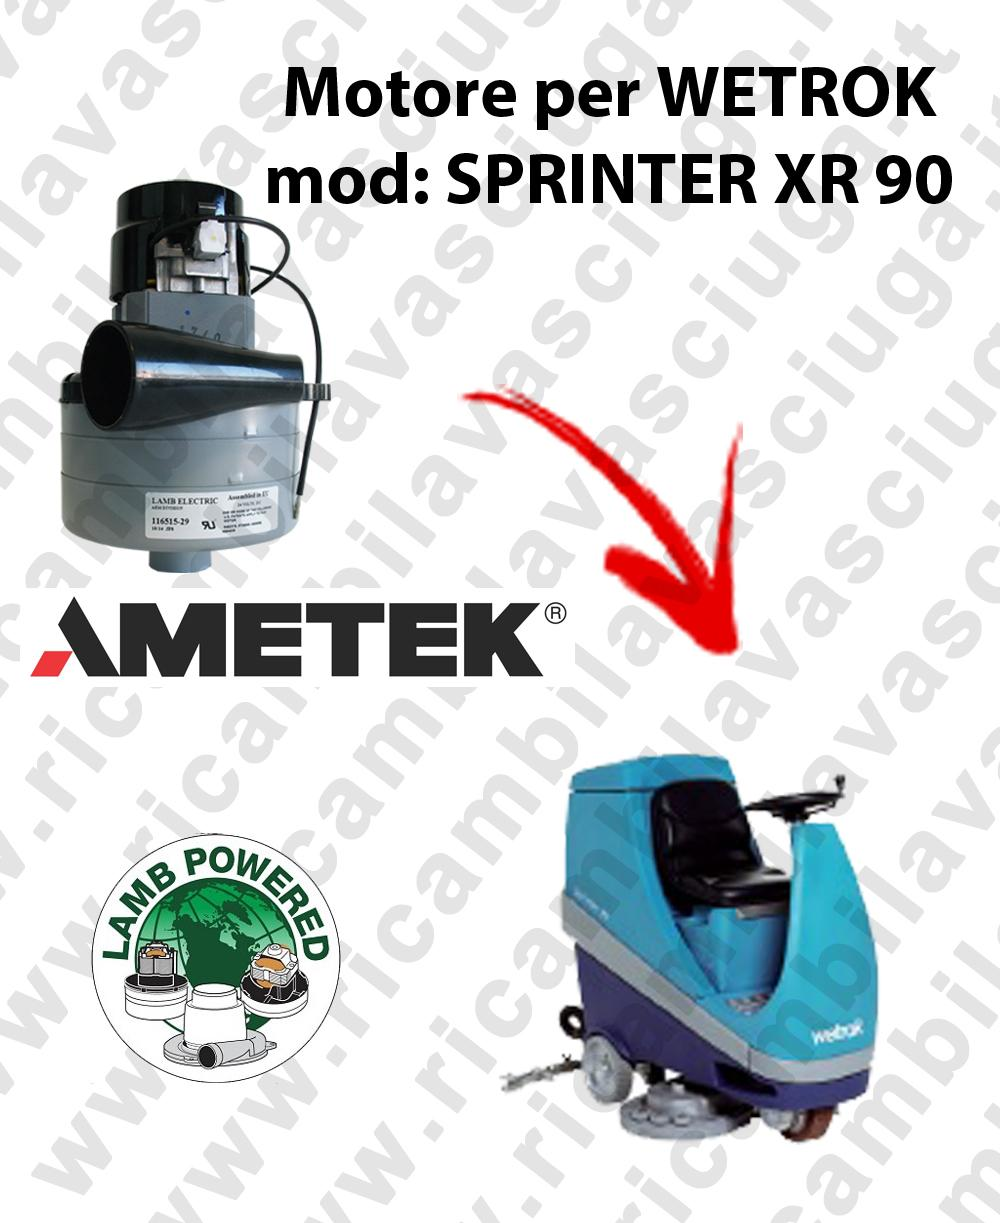 SPRINTER XR 90 MOTORE LAMB AMETEK di aspirazione per lavapavimenti WETROK